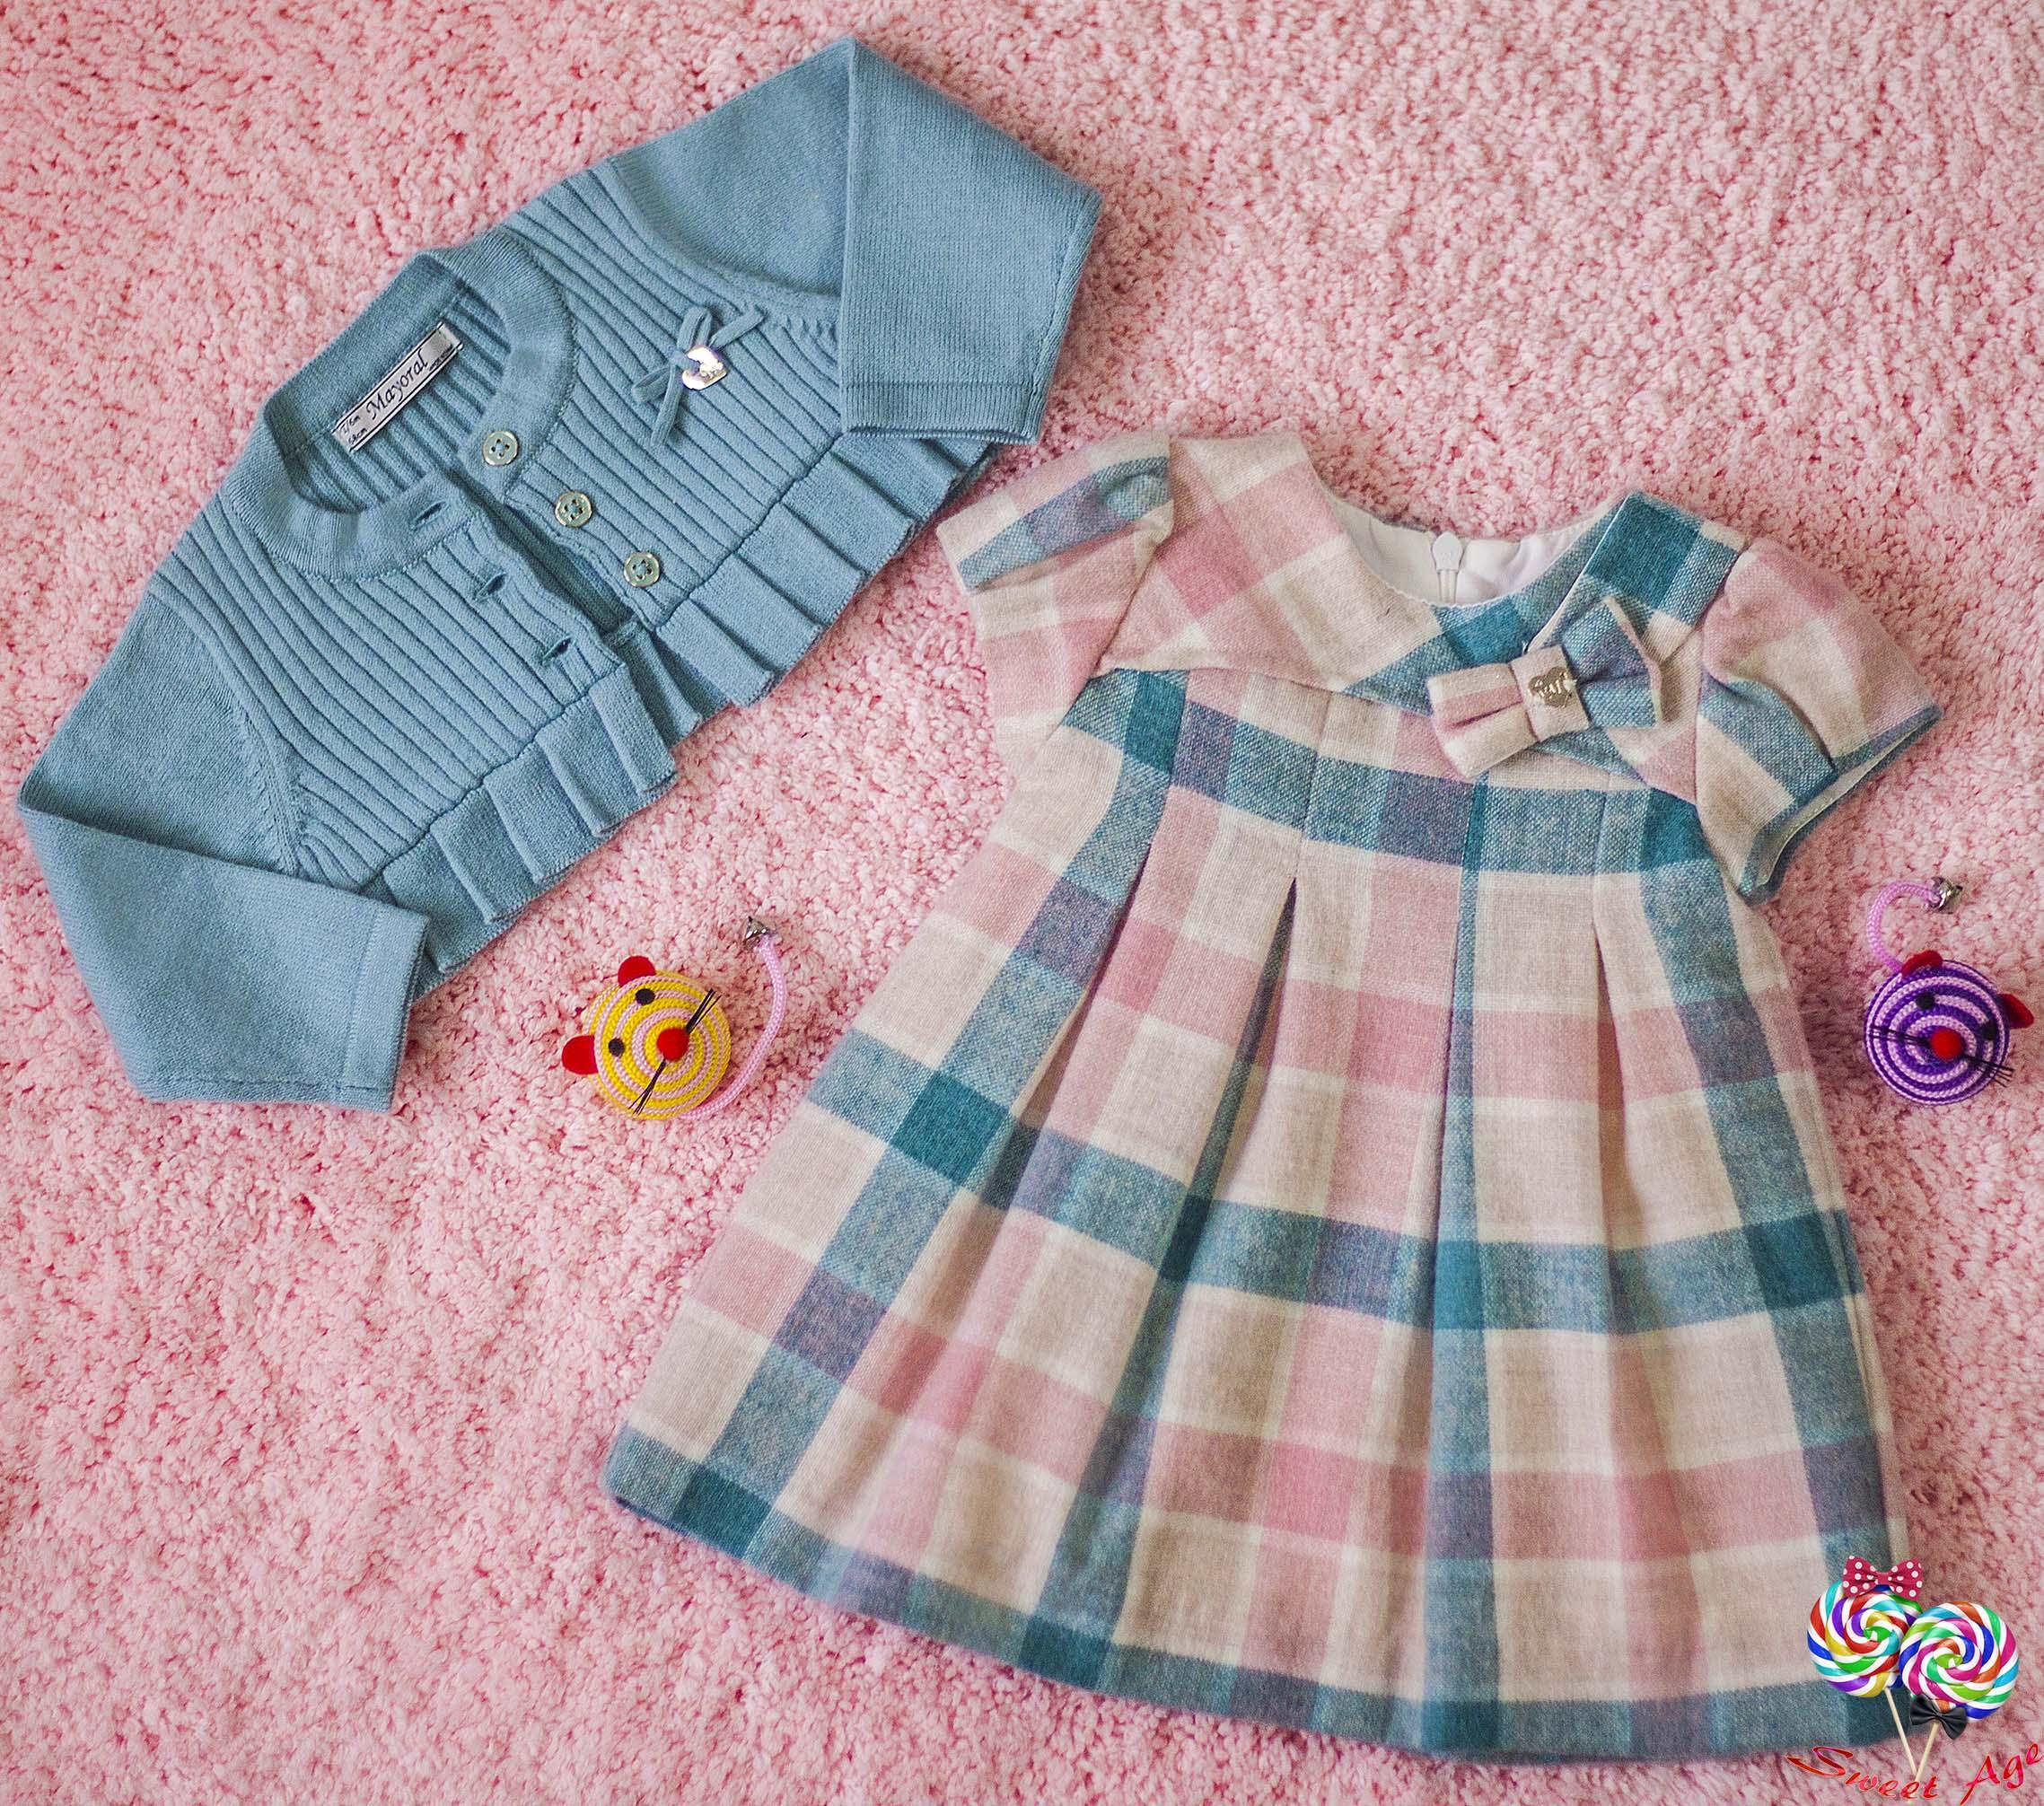 Сбор заказов. Sweet age - яркая одежда для детей (от 56 до 128 см). Без рядов.